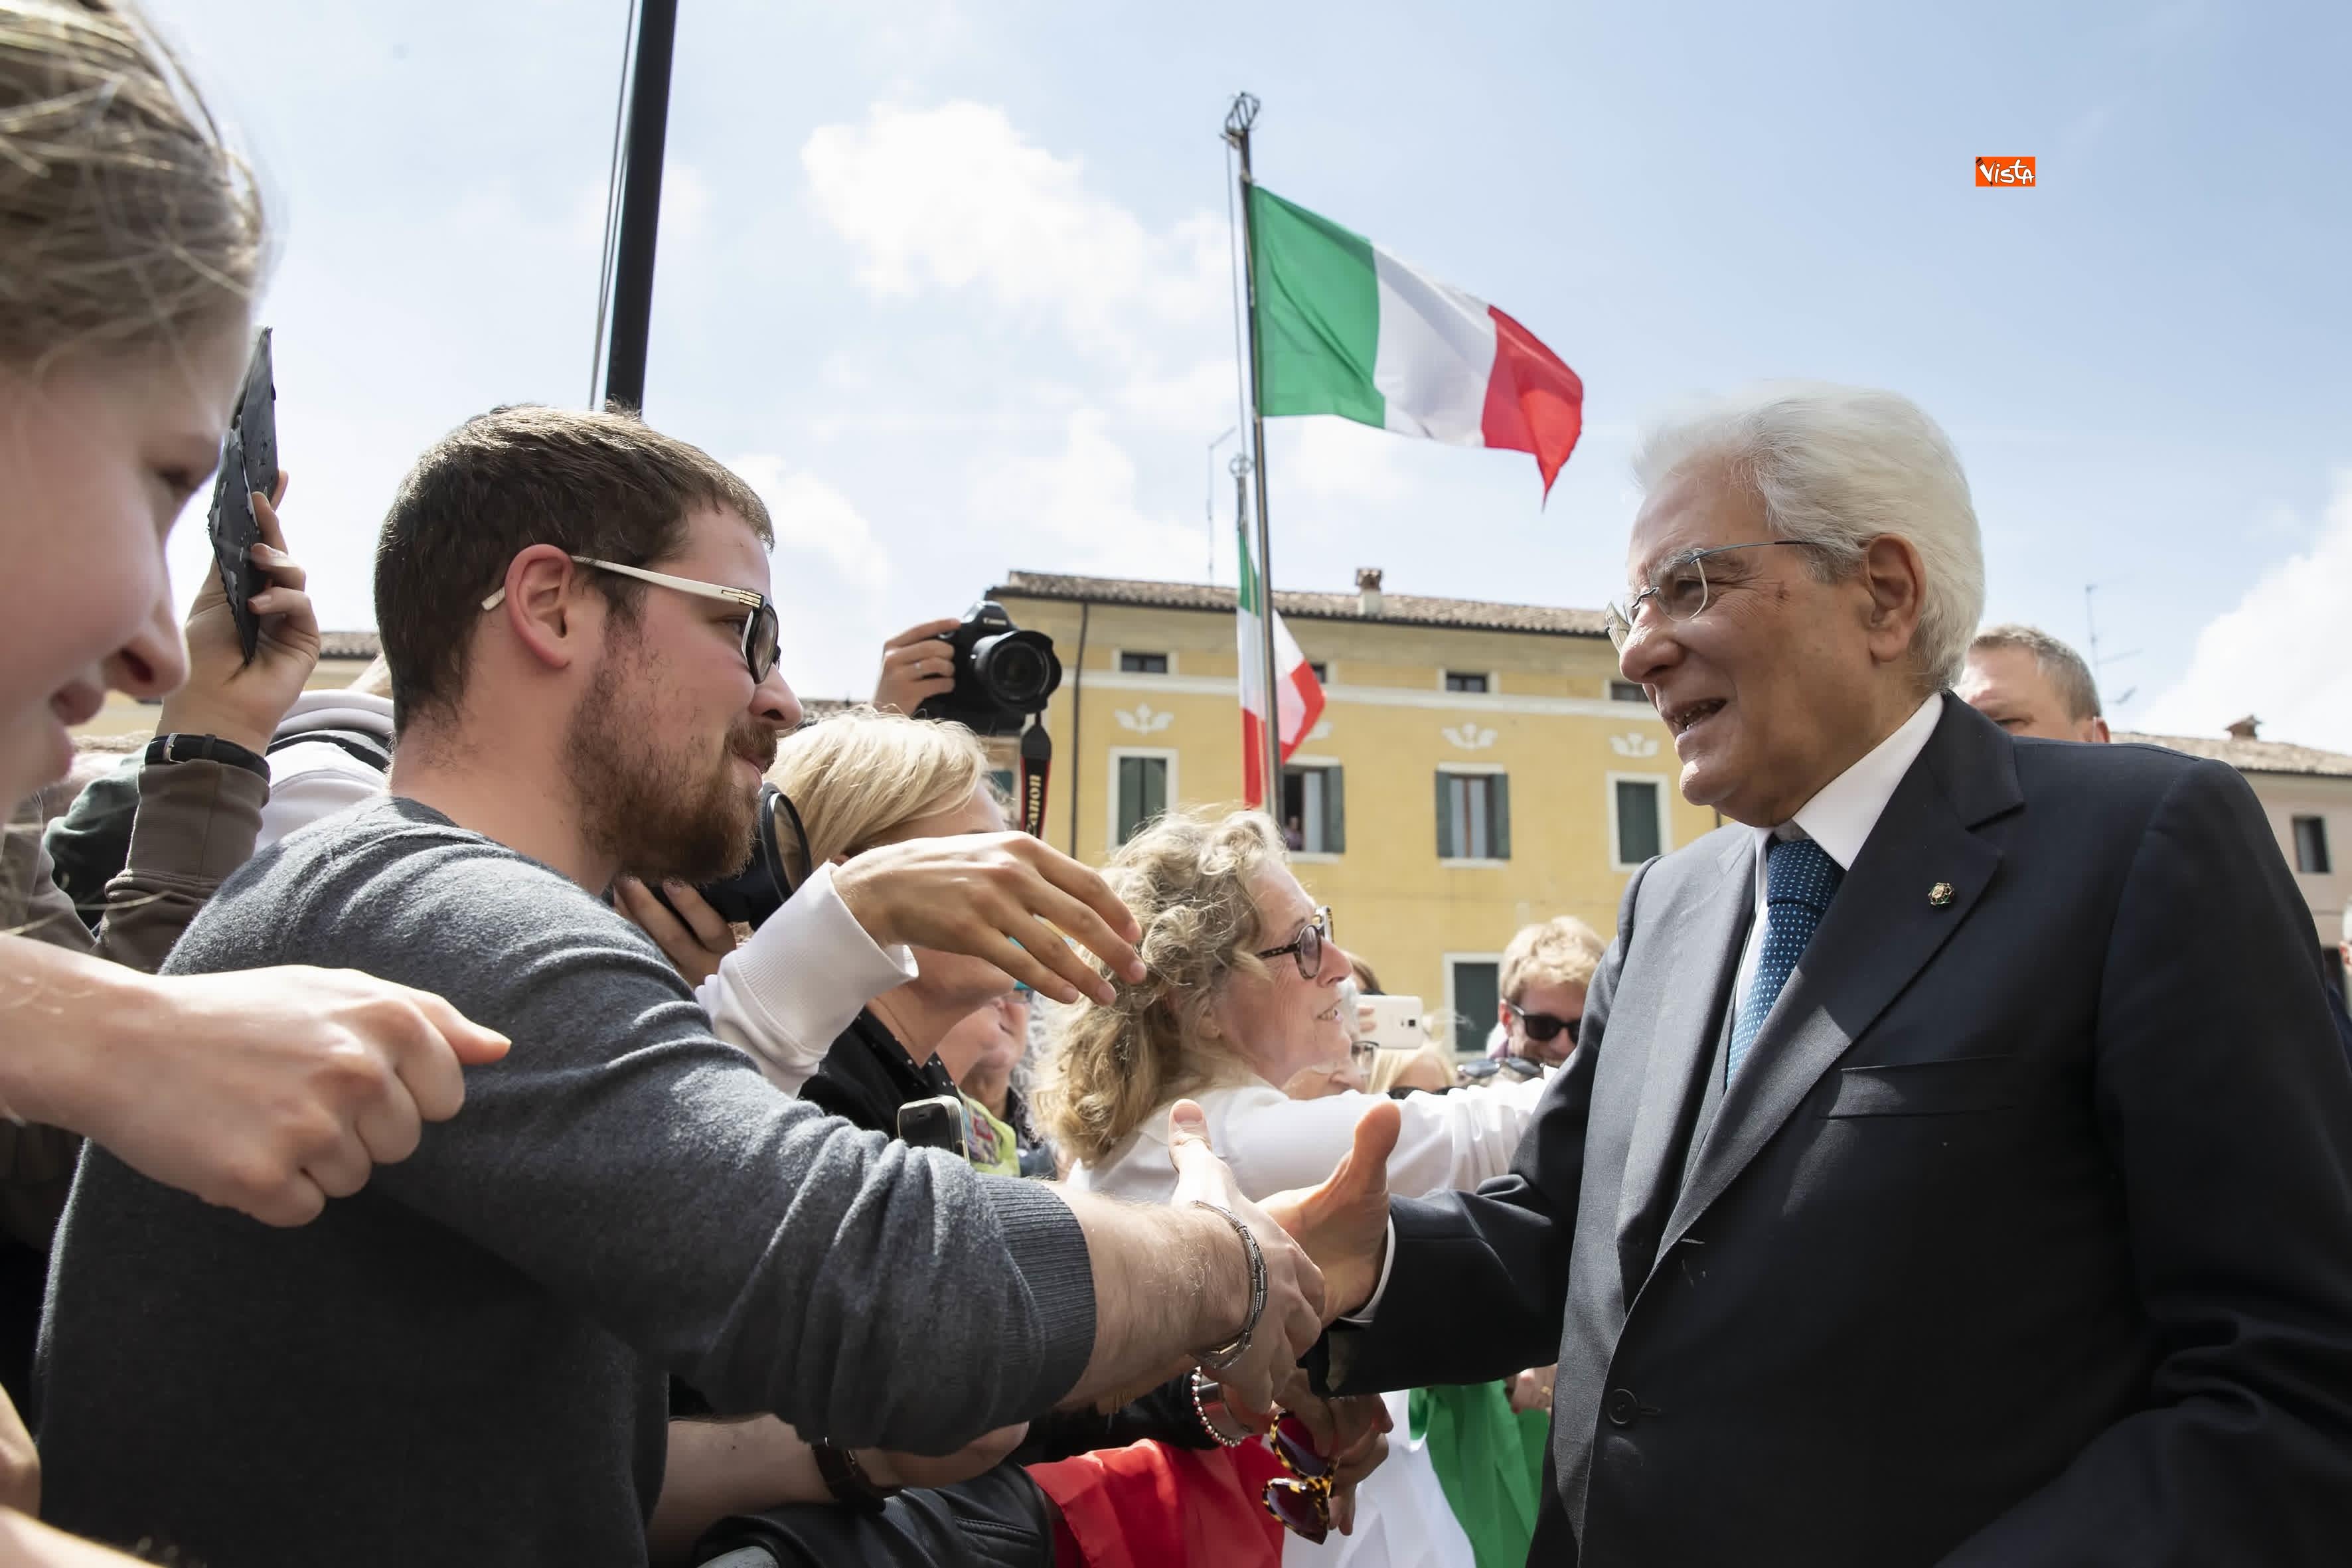 25-04-19 25 Aprile, Mattarella alla Cerimonia in occasione del 74 Anniversario della Liberazione a Vittorio Veneto_22